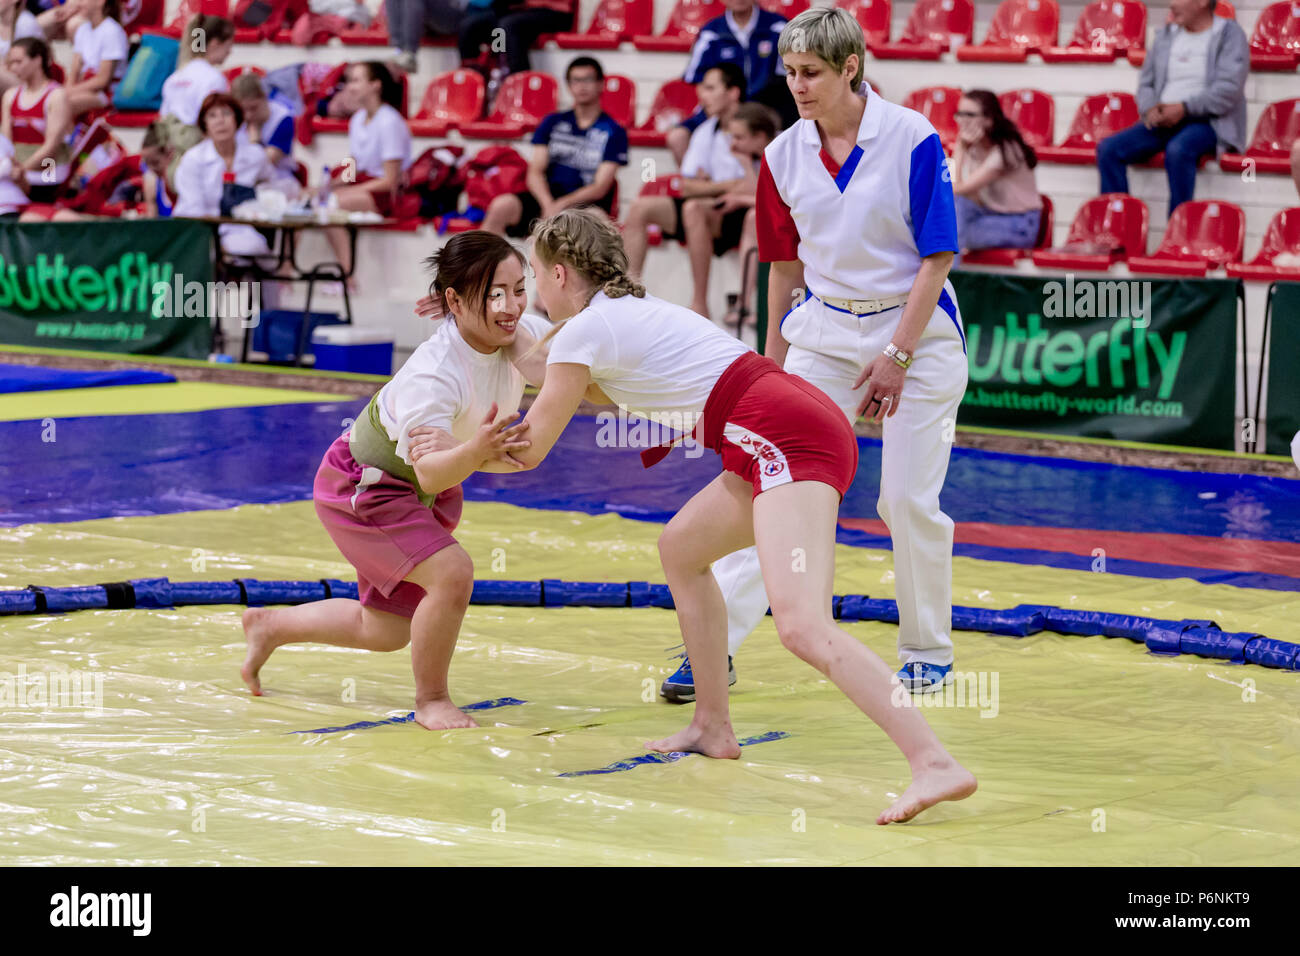 La Russia, Vladivostok, 06/30/2018. Sumo wrestling la concorrenza tra le ragazze nati nel periodo 2003-2004. Tornei di adolescenti di arti marziali e sport di combattimento. Foto Stock